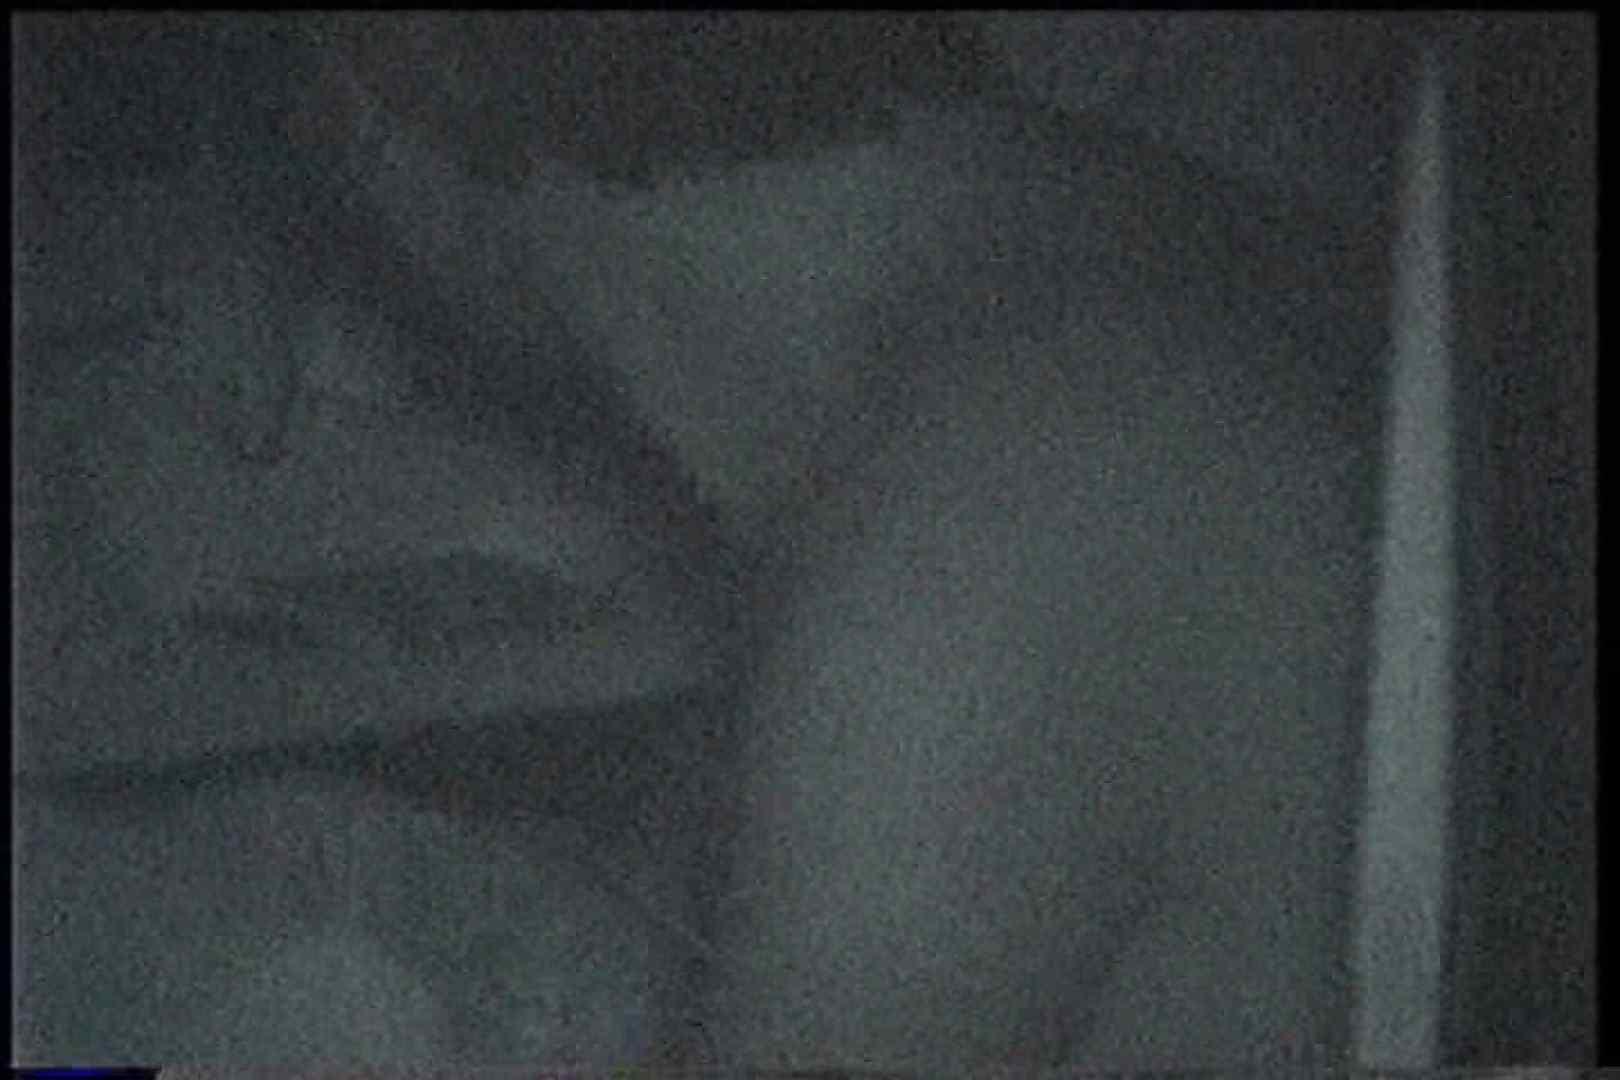 充血監督の深夜の運動会Vol.177 前編 エッチなセックス オメコ動画キャプチャ 88画像 62